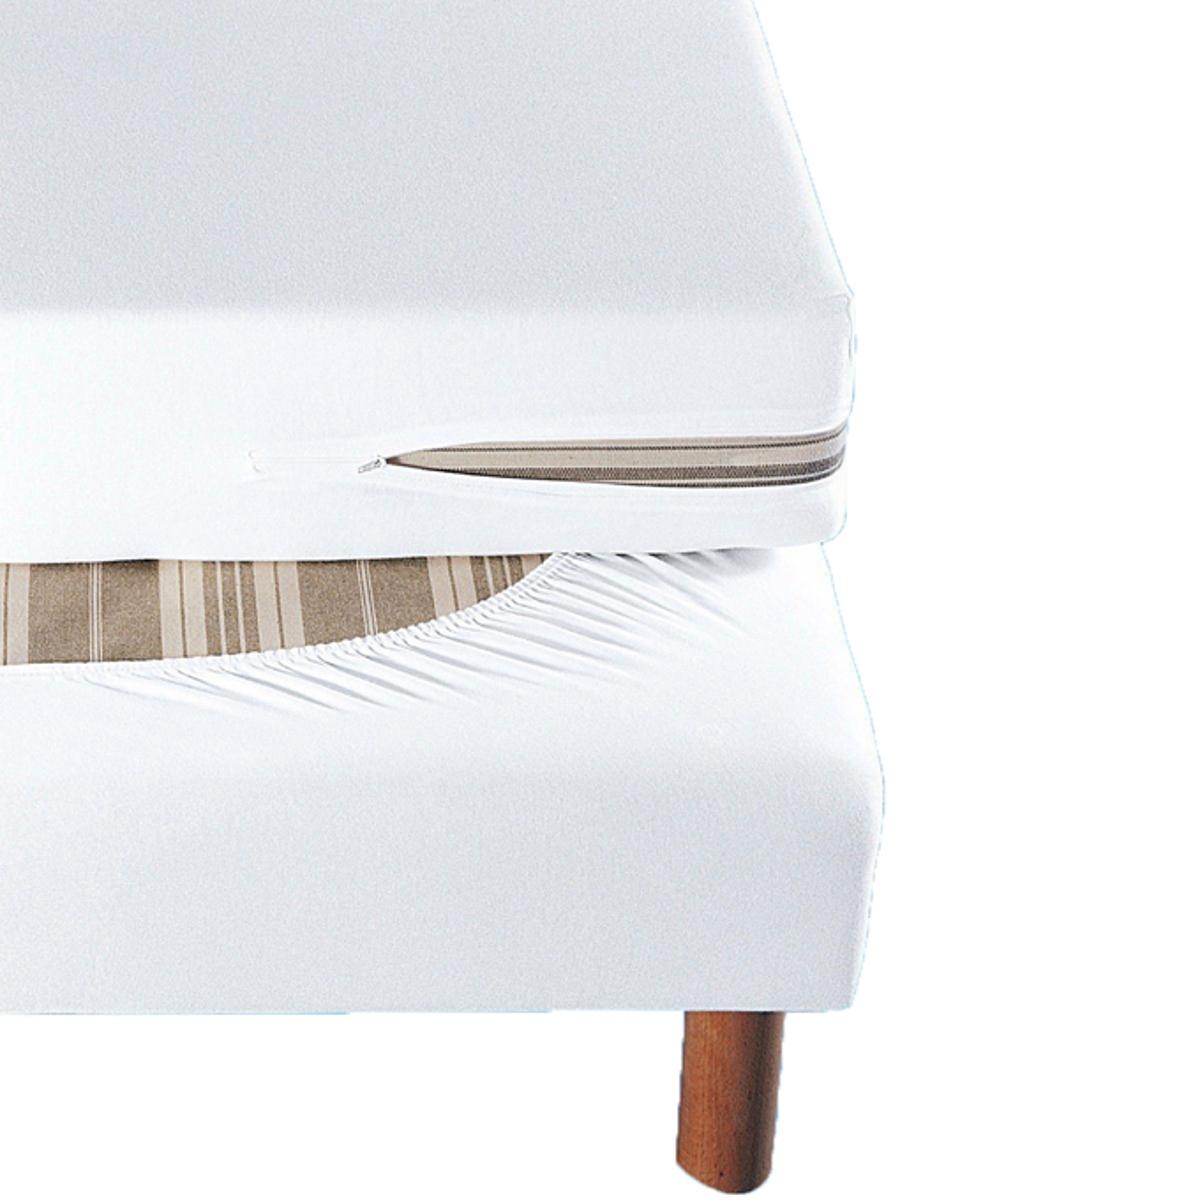 Чехол защитный для матраса из джерси чехлы для ноутбуков vlp защитный чехол из пластика для macbook pro 15 with touch bar white